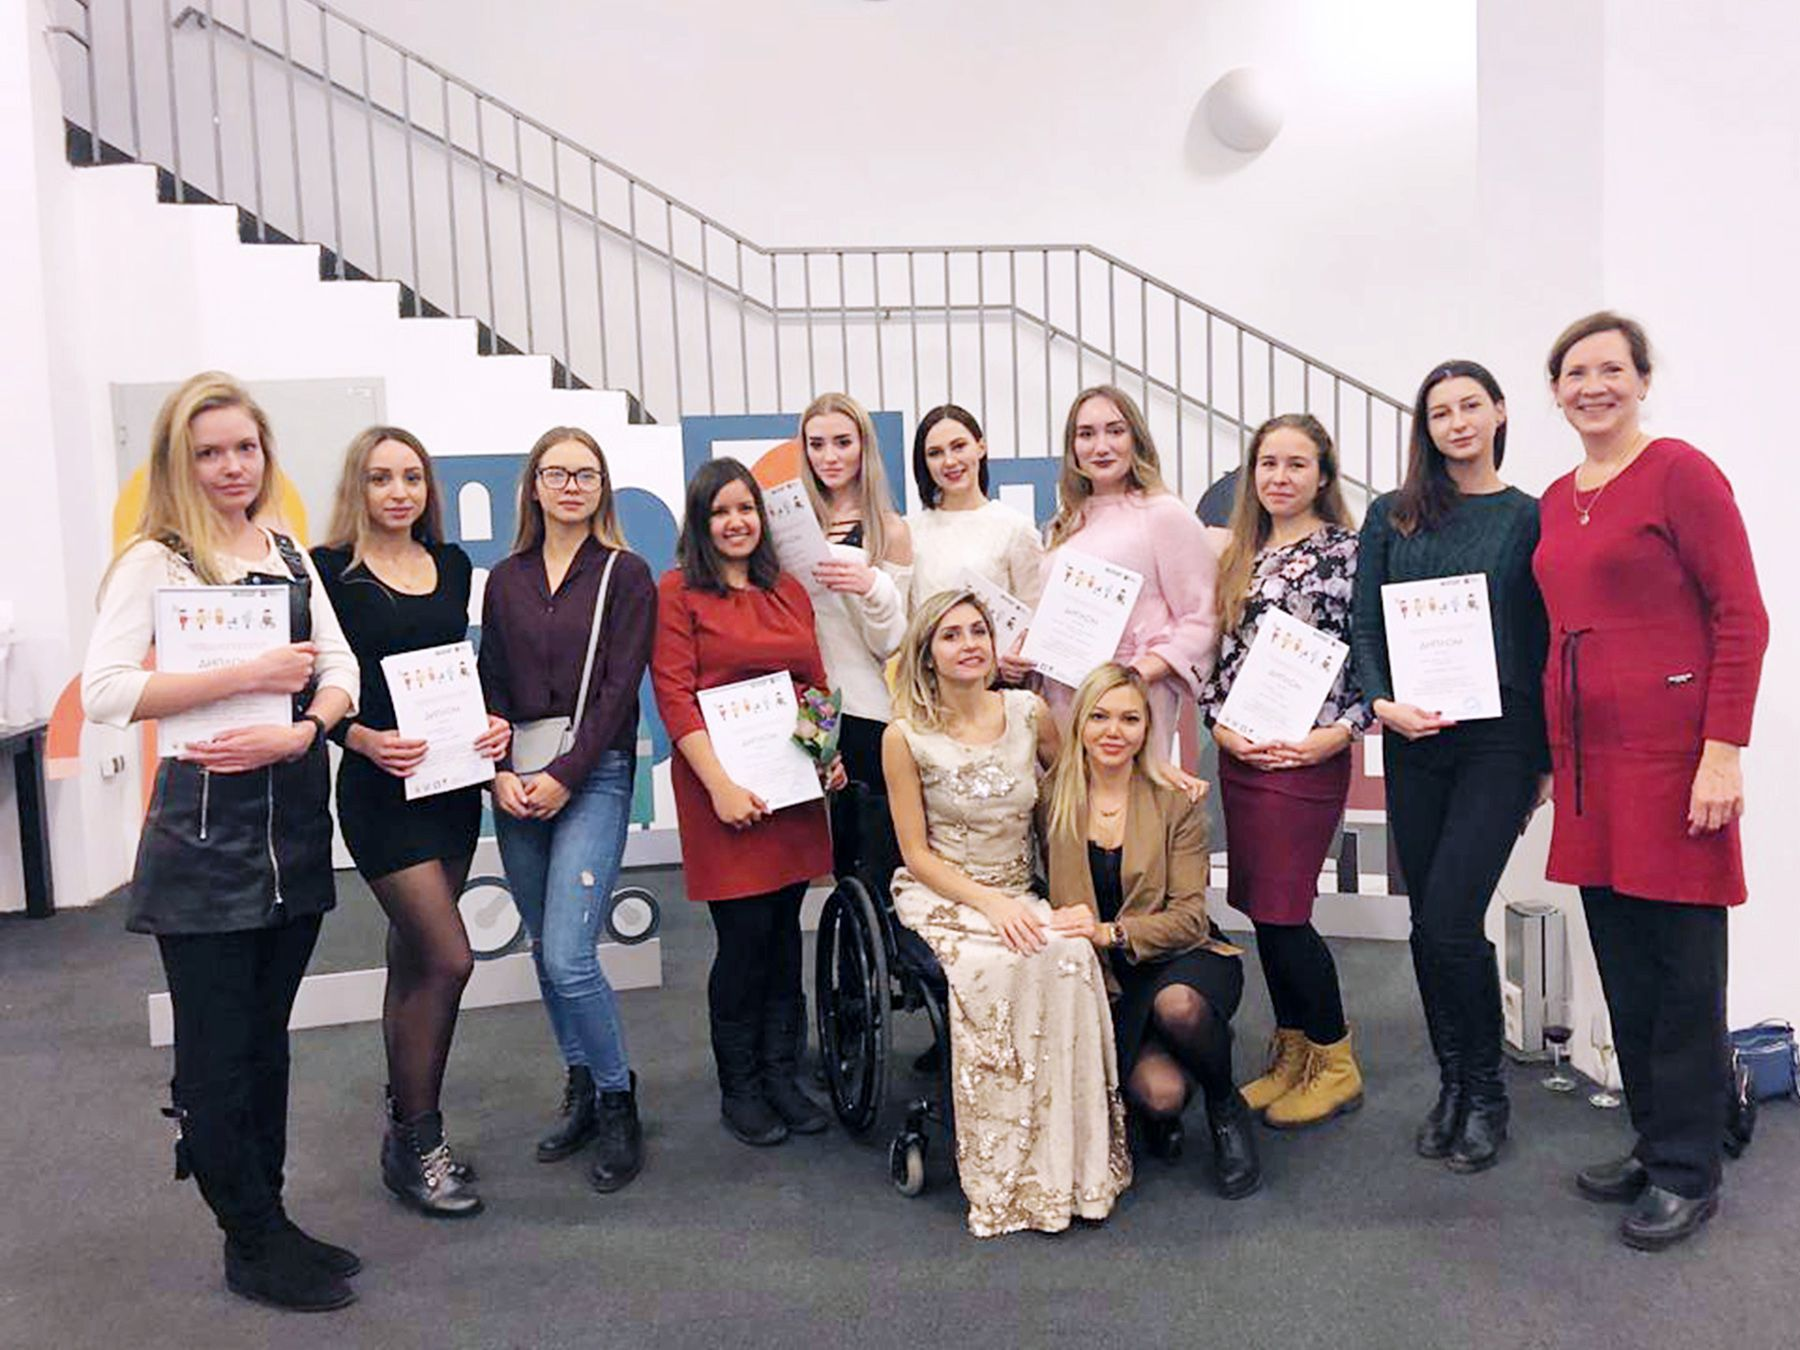 Студенты ВГУЭС - призеры Всероссийского архитектурного конкурса «Универсальный дизайн»